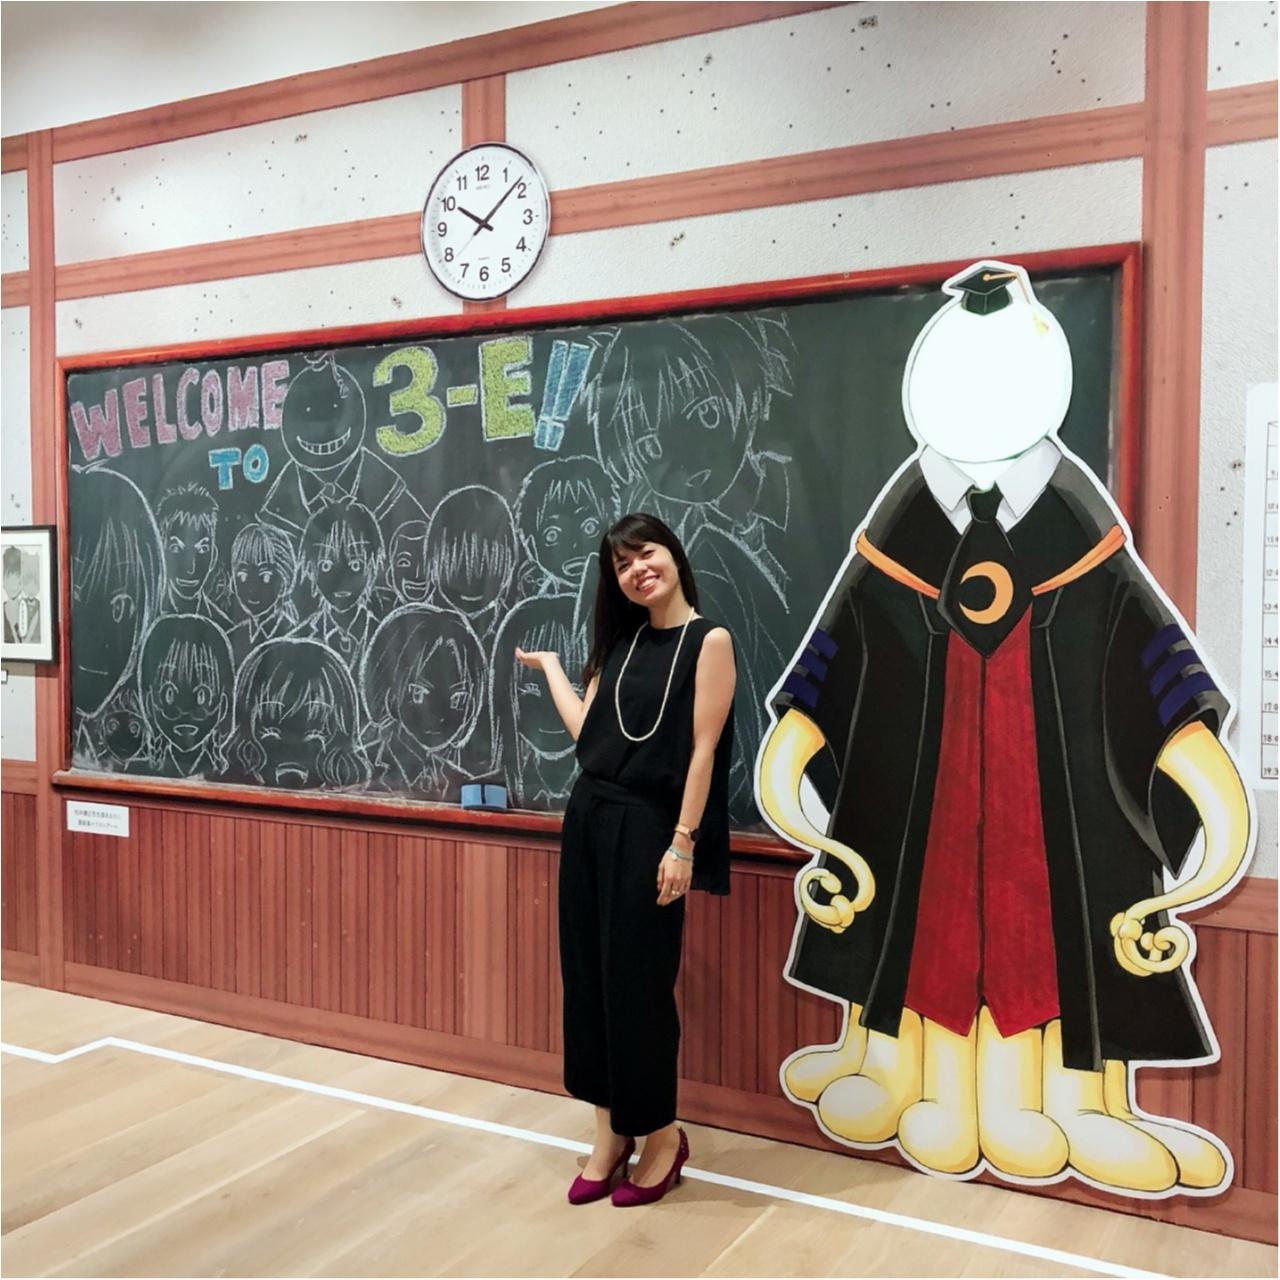 <9/30まで!>いよいよクライマックス!創刊50周年記念 週刊少年ジャンプ展VOL.3へ行ってきました♡_7